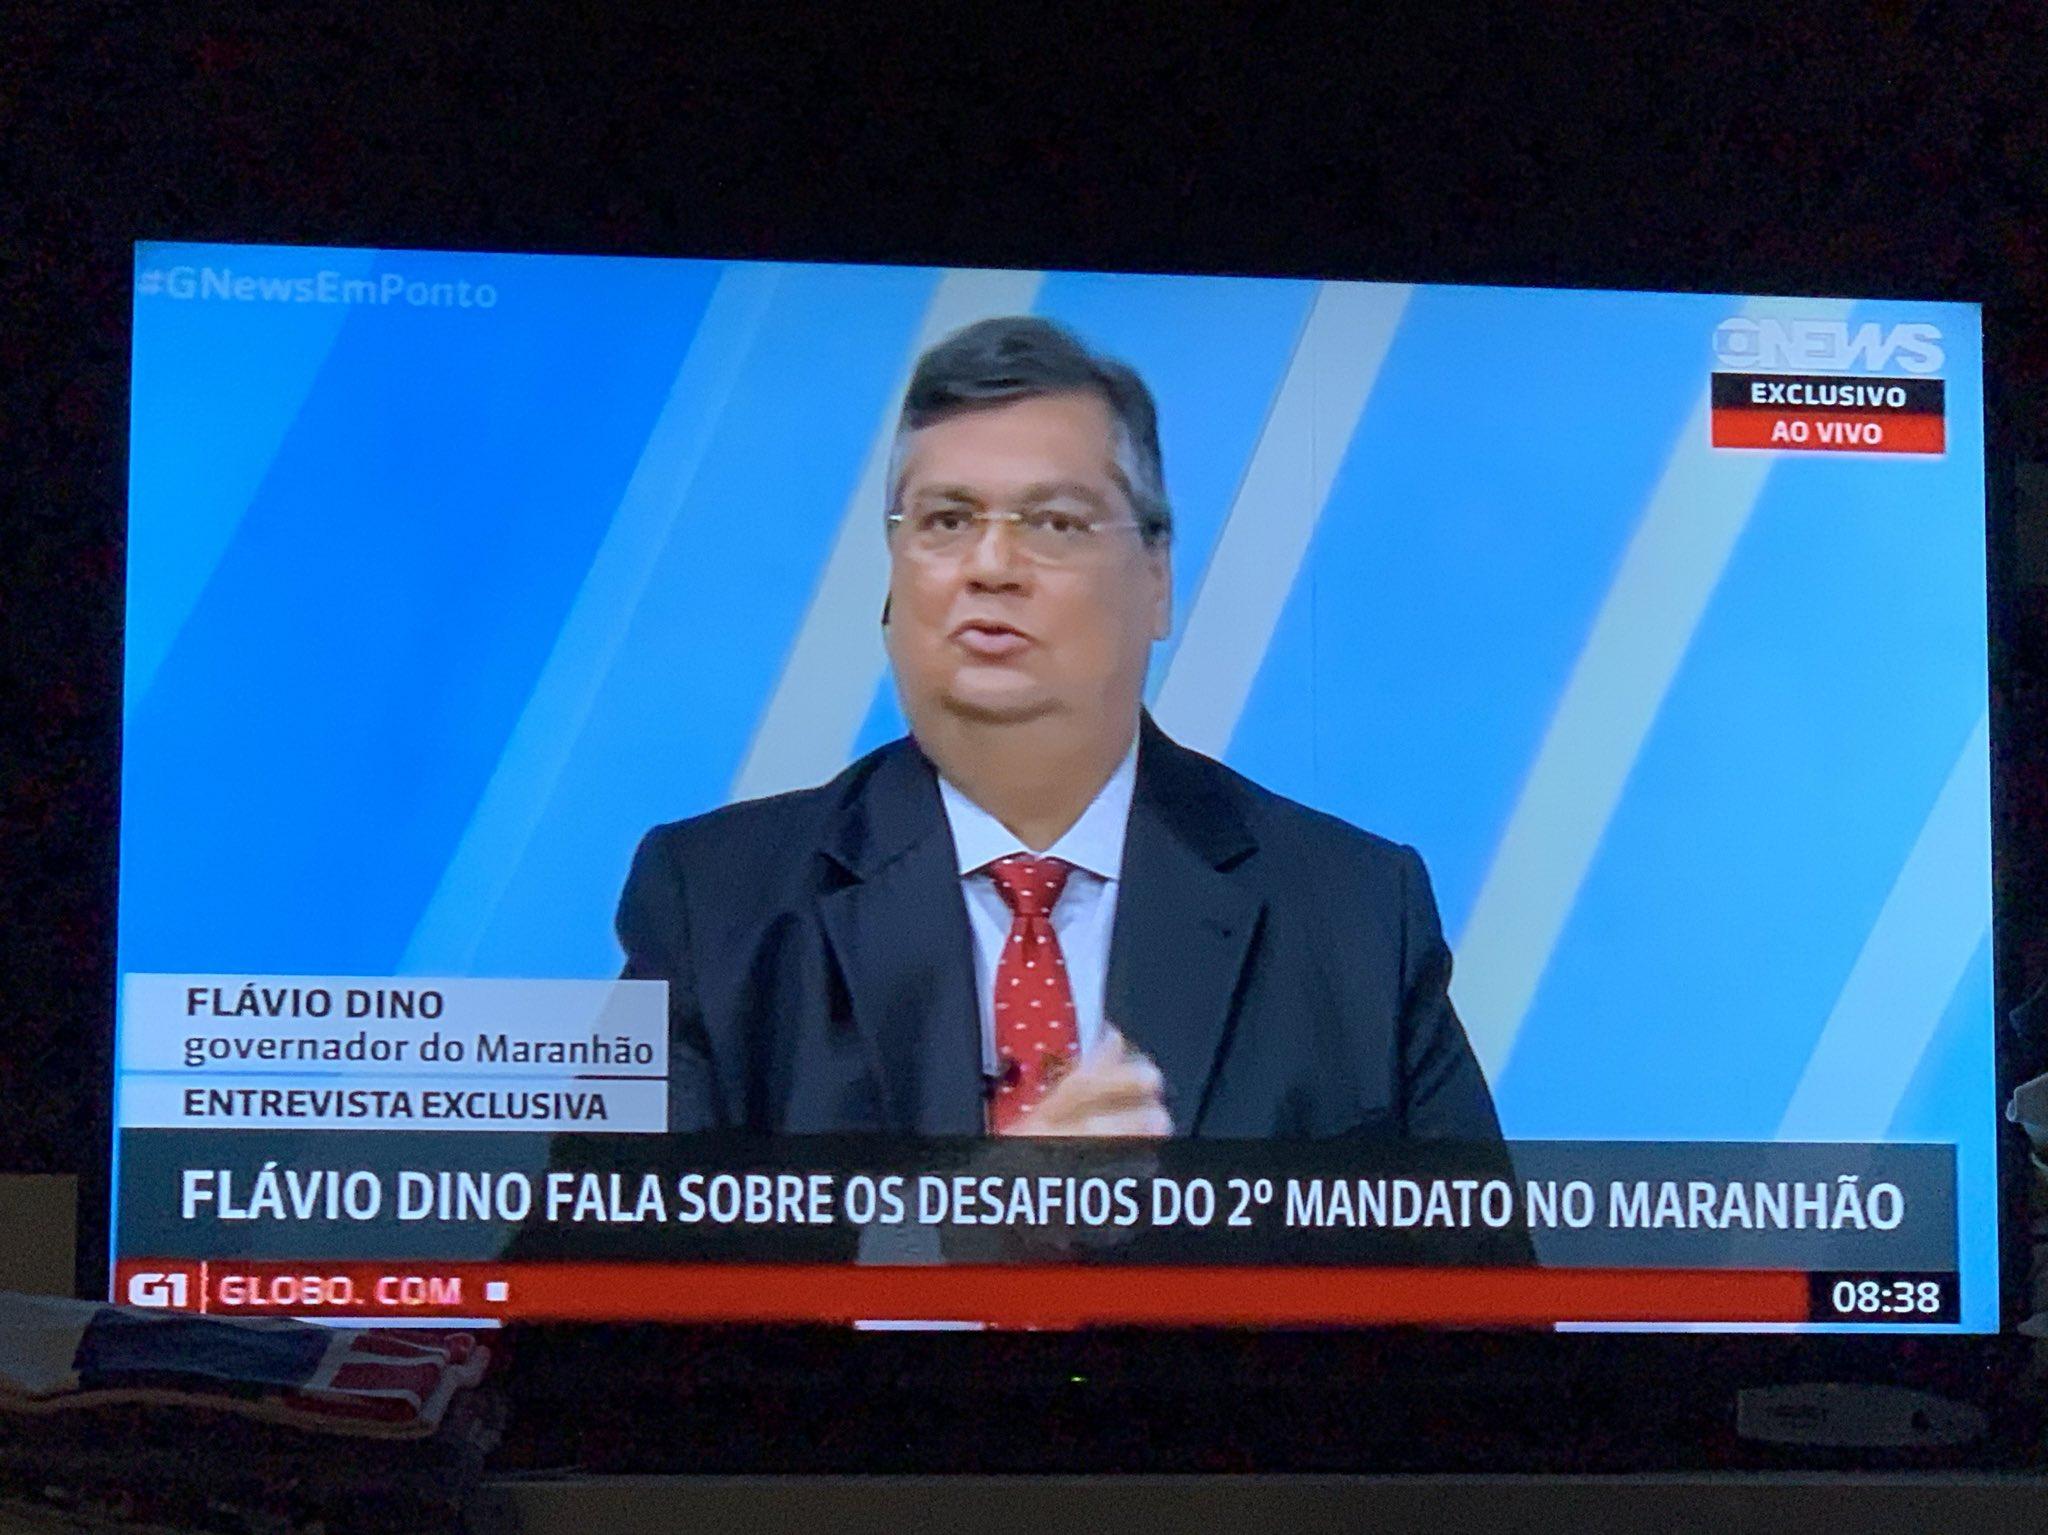 Na GloboNews, Flávio Dino defende criação da Guarda Nacional, com 10